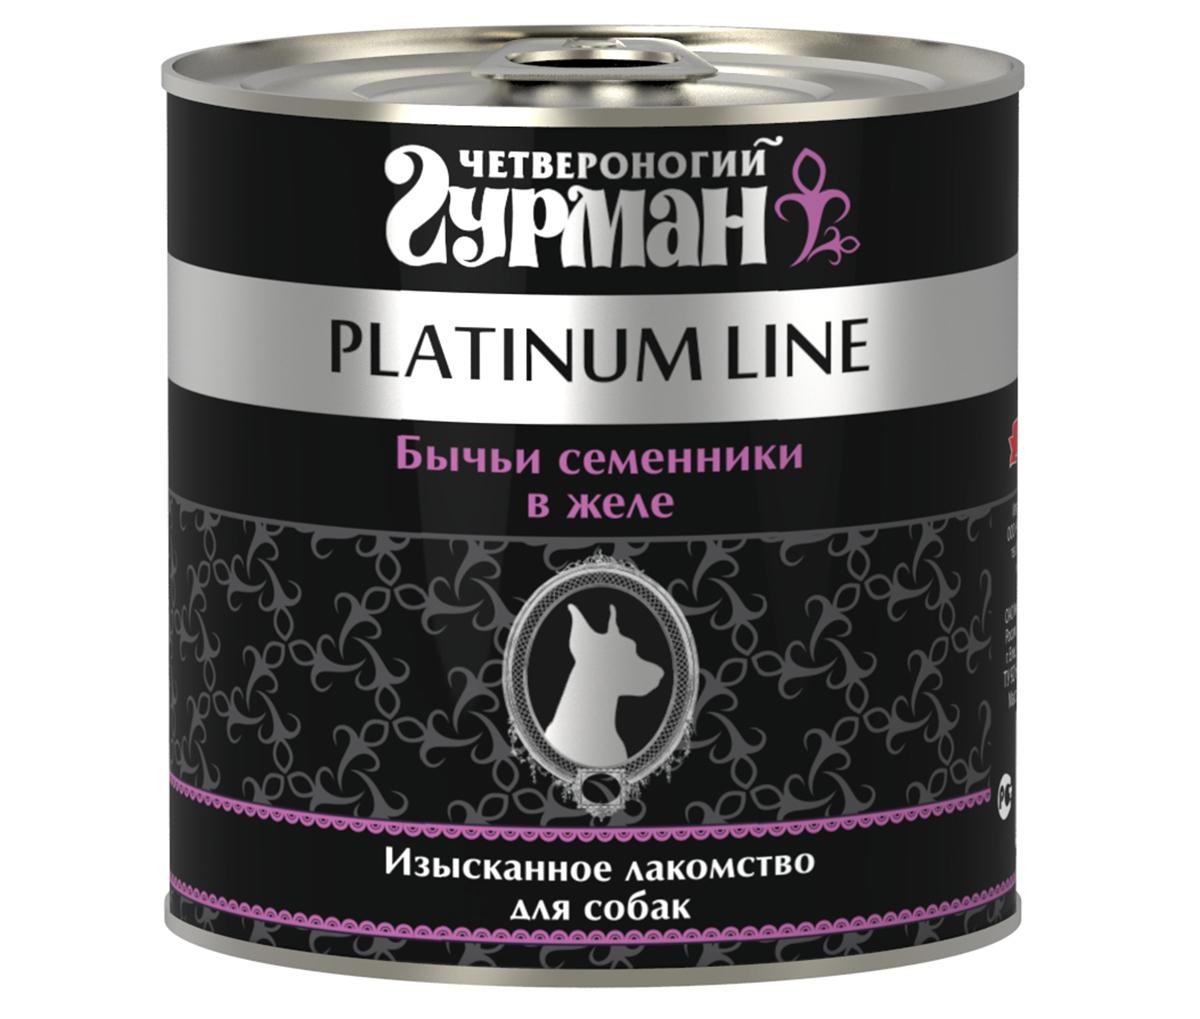 Консервы для собак Четвероногий Гурман, с бычьими семенниками в желе, 240 г купить болгарские консервы в москве